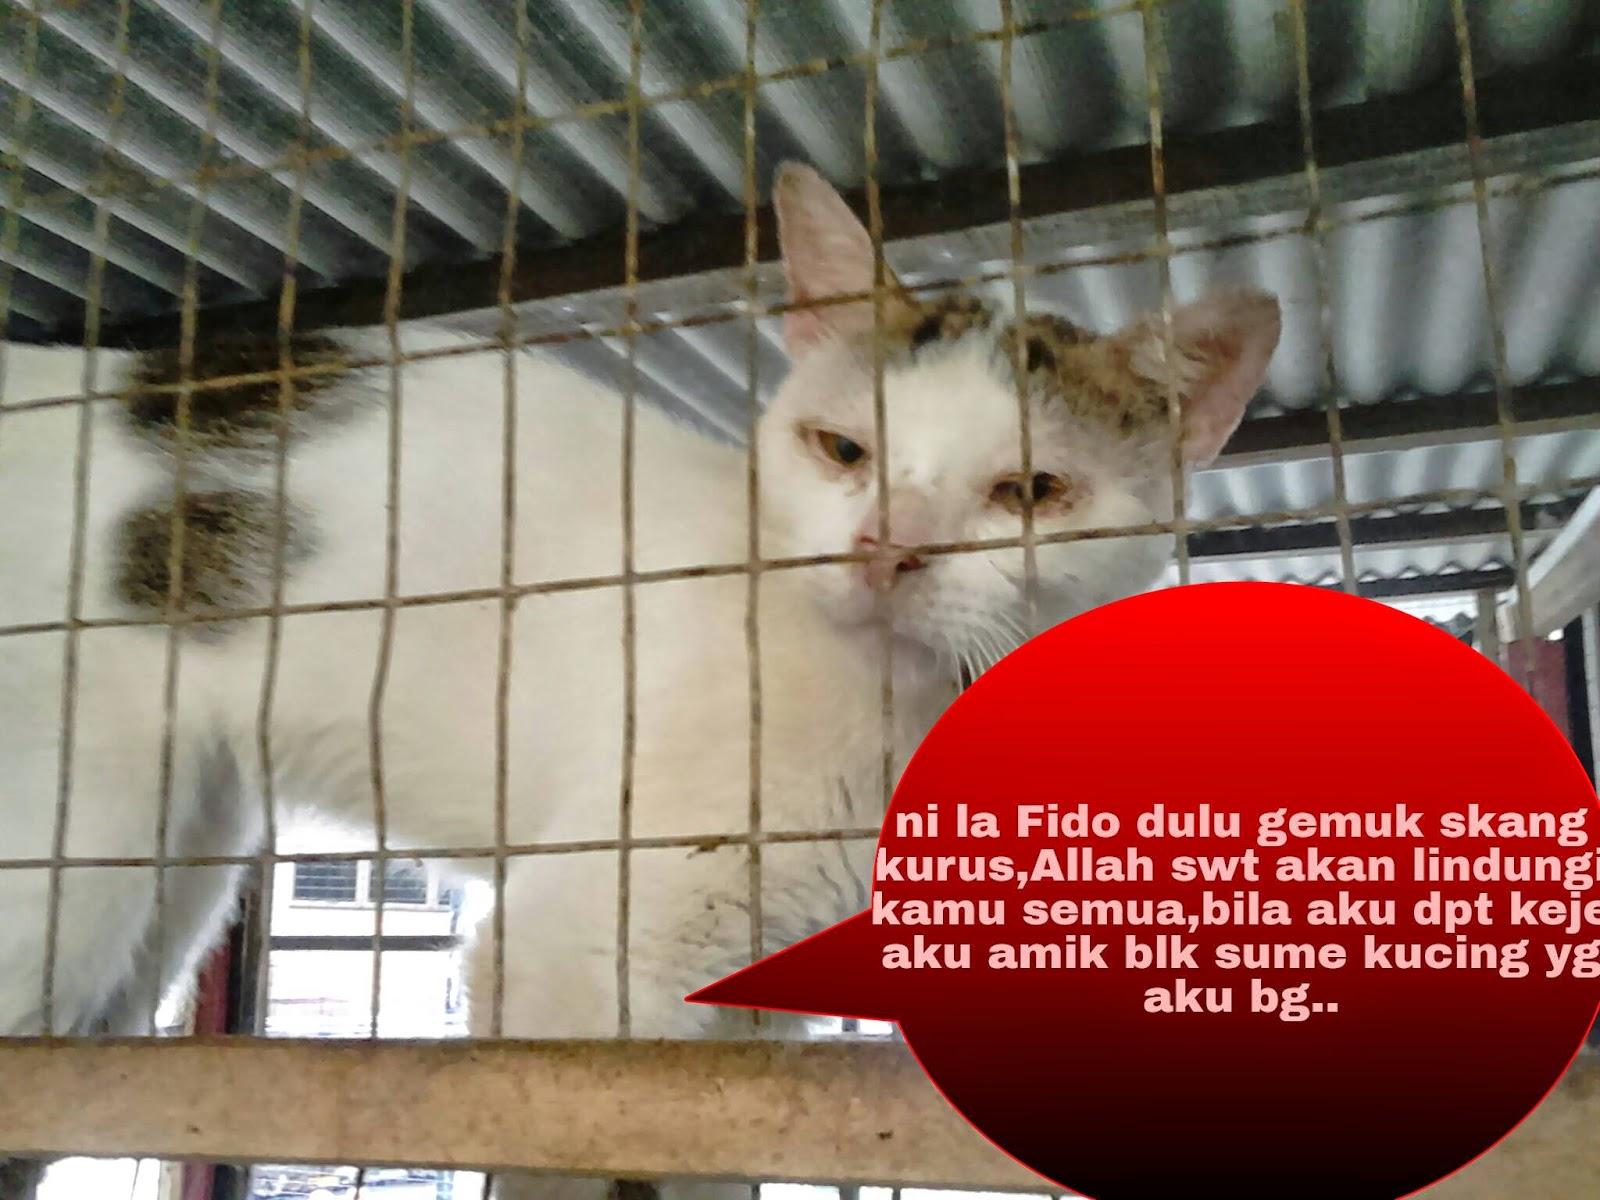 Lagi Luahan Amp Pendedahan Mangsa Kucing Dianiaya Omiey Home